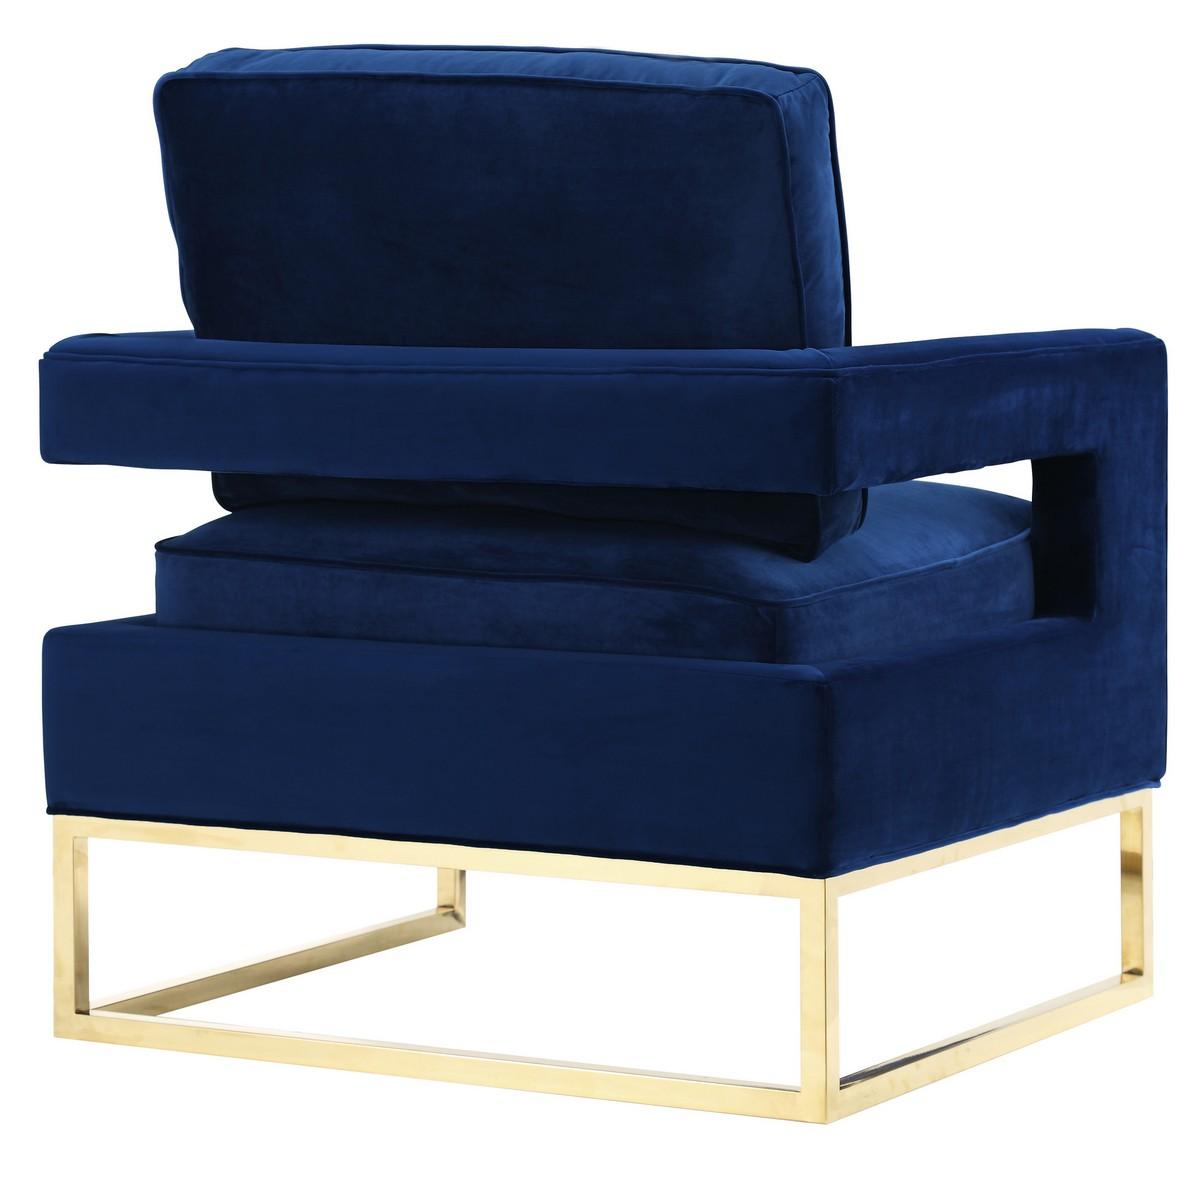 TOV Furniture Avery Navy Velvet Chair